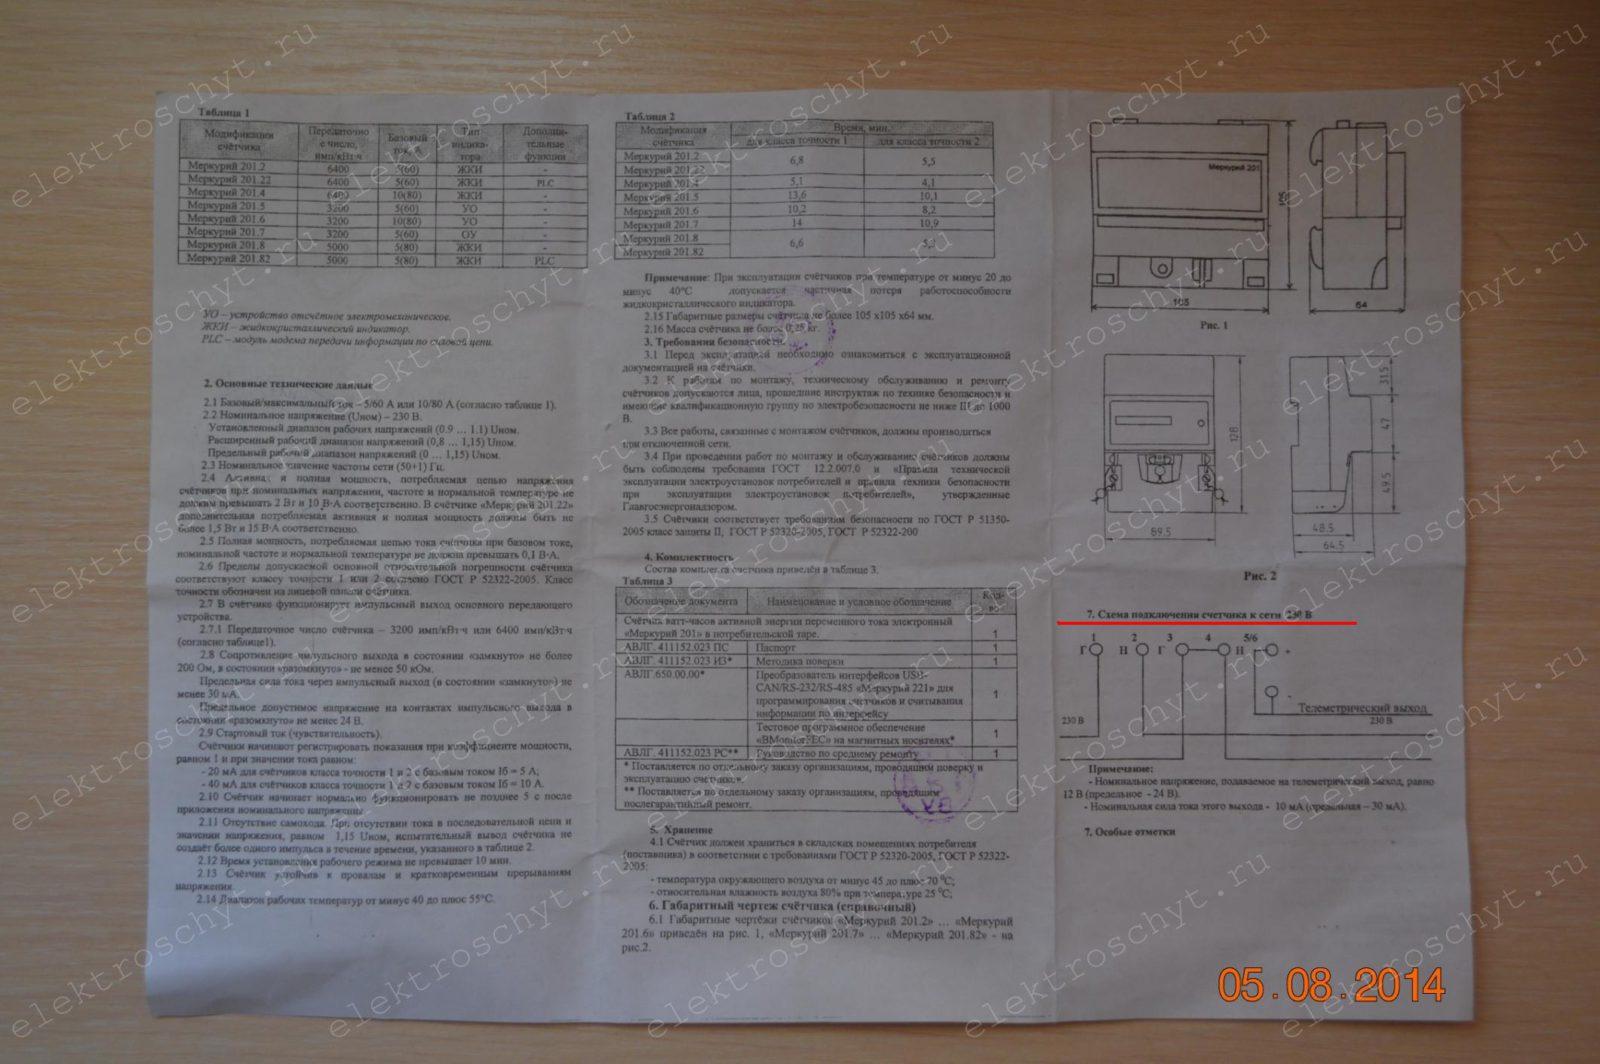 схема подключенния счестикаэликтронного